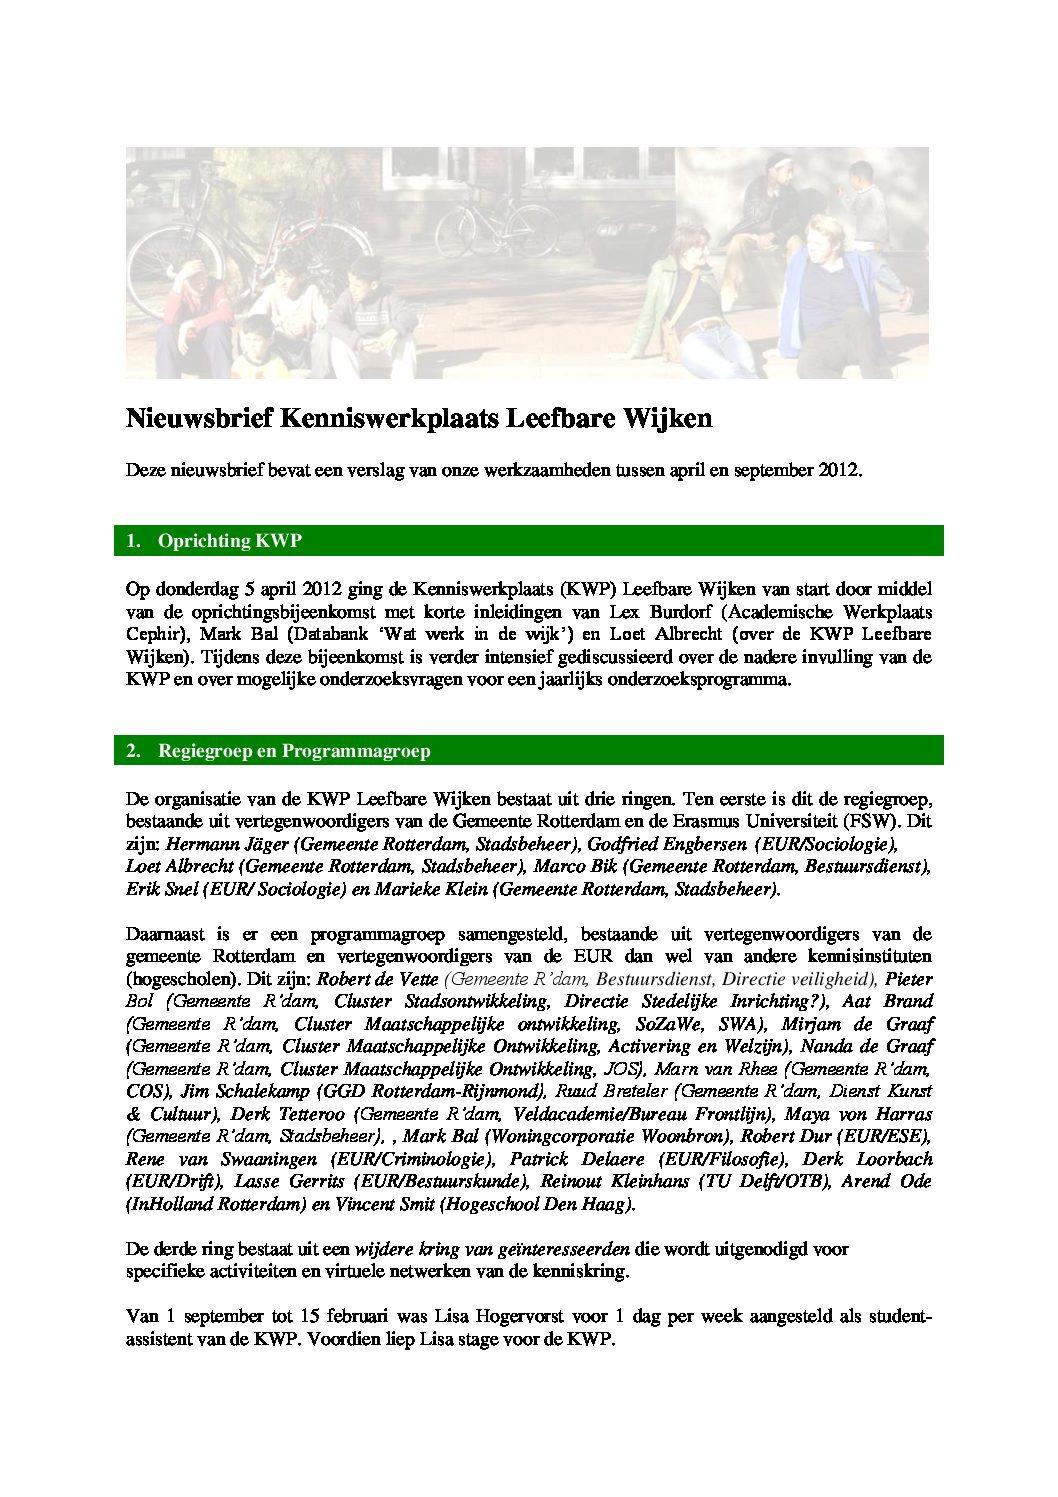 Een verslag van de werkzaamheden van de KWP over 2012